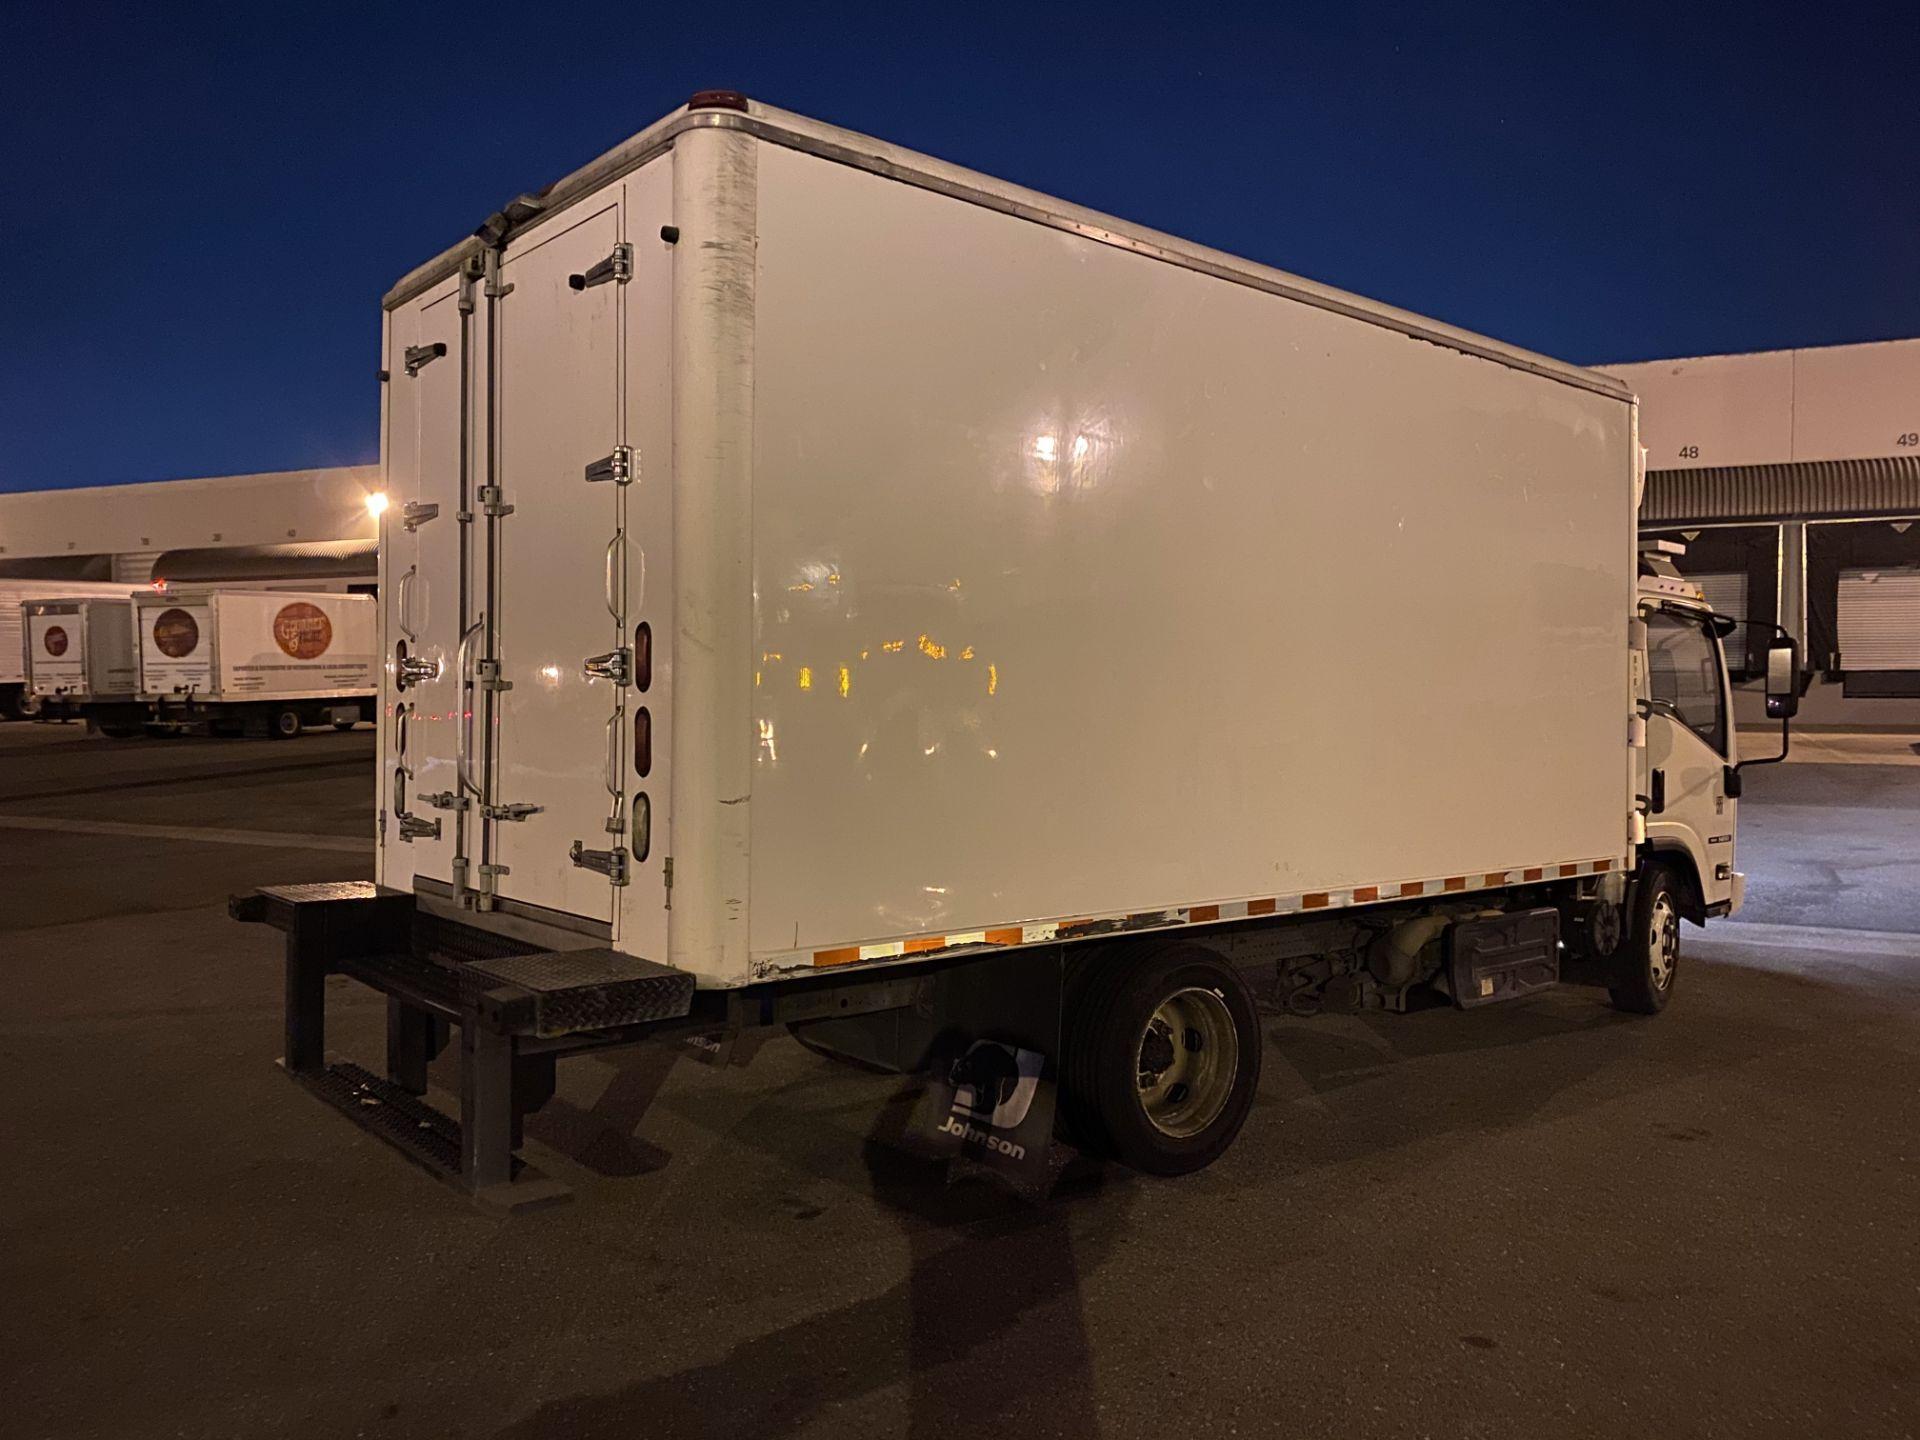 2013 Isuzu refrigerated truck - Image 3 of 9